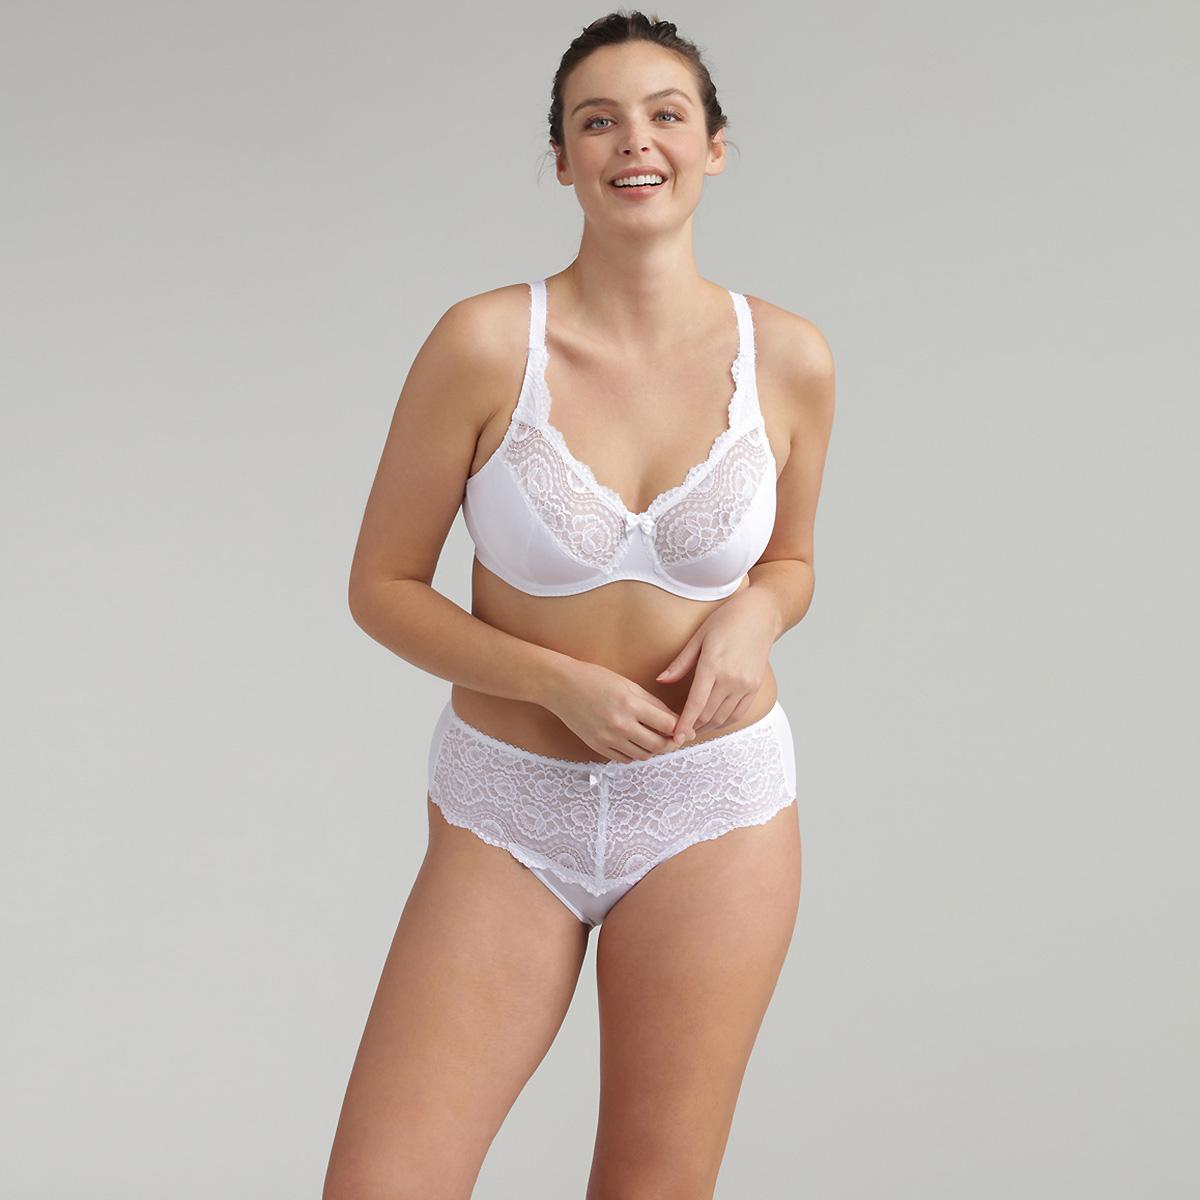 Soutien-gorge emboîtant blanc Flower Elegance Micro, , PLAYTEX